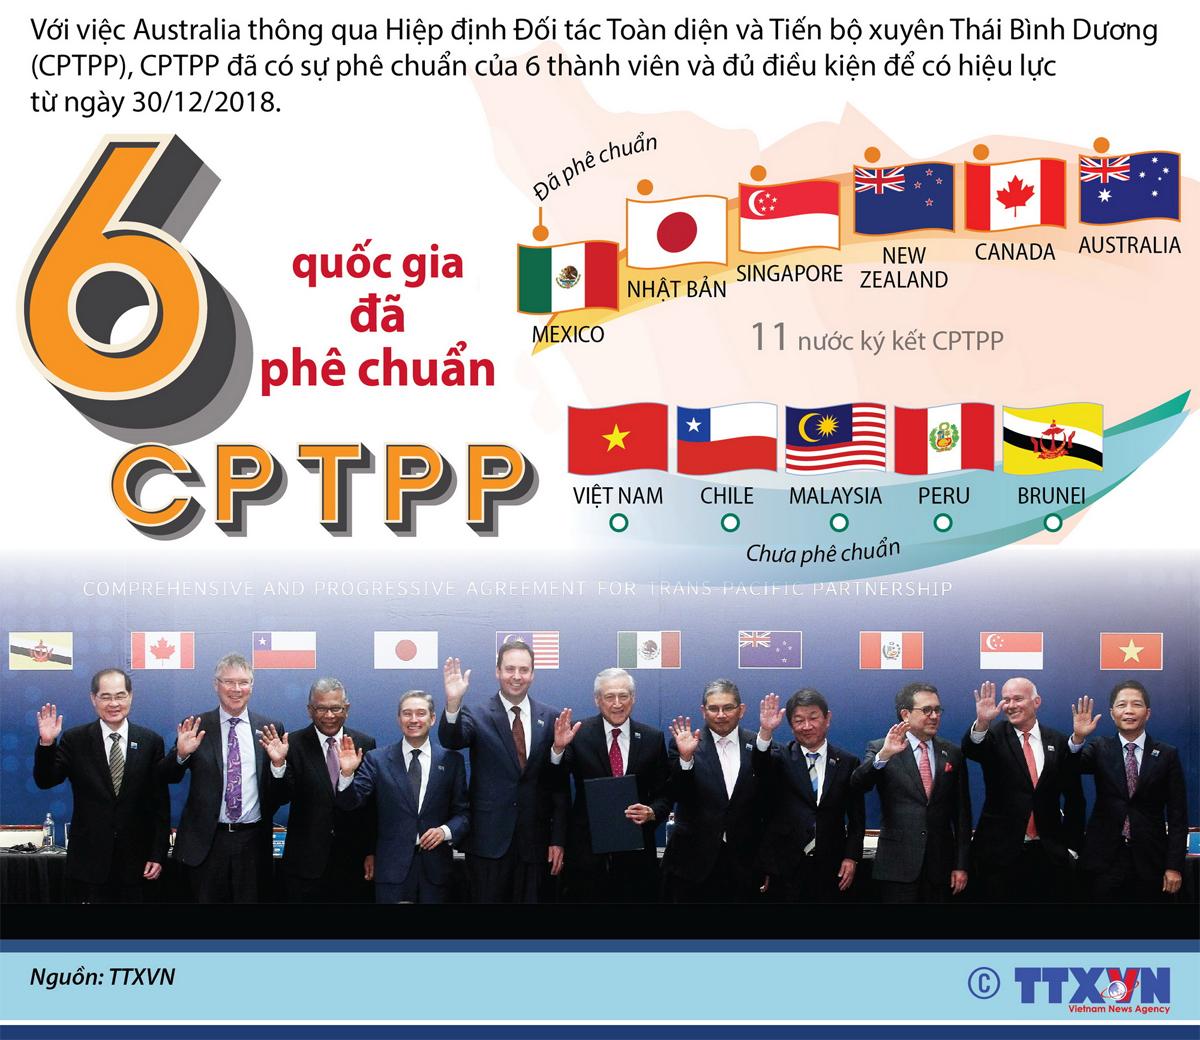 Hiệp định, Đối tác Toàn diện, xuyên Thái Bình Dương, CPTPP, Hiệp định CPTPP